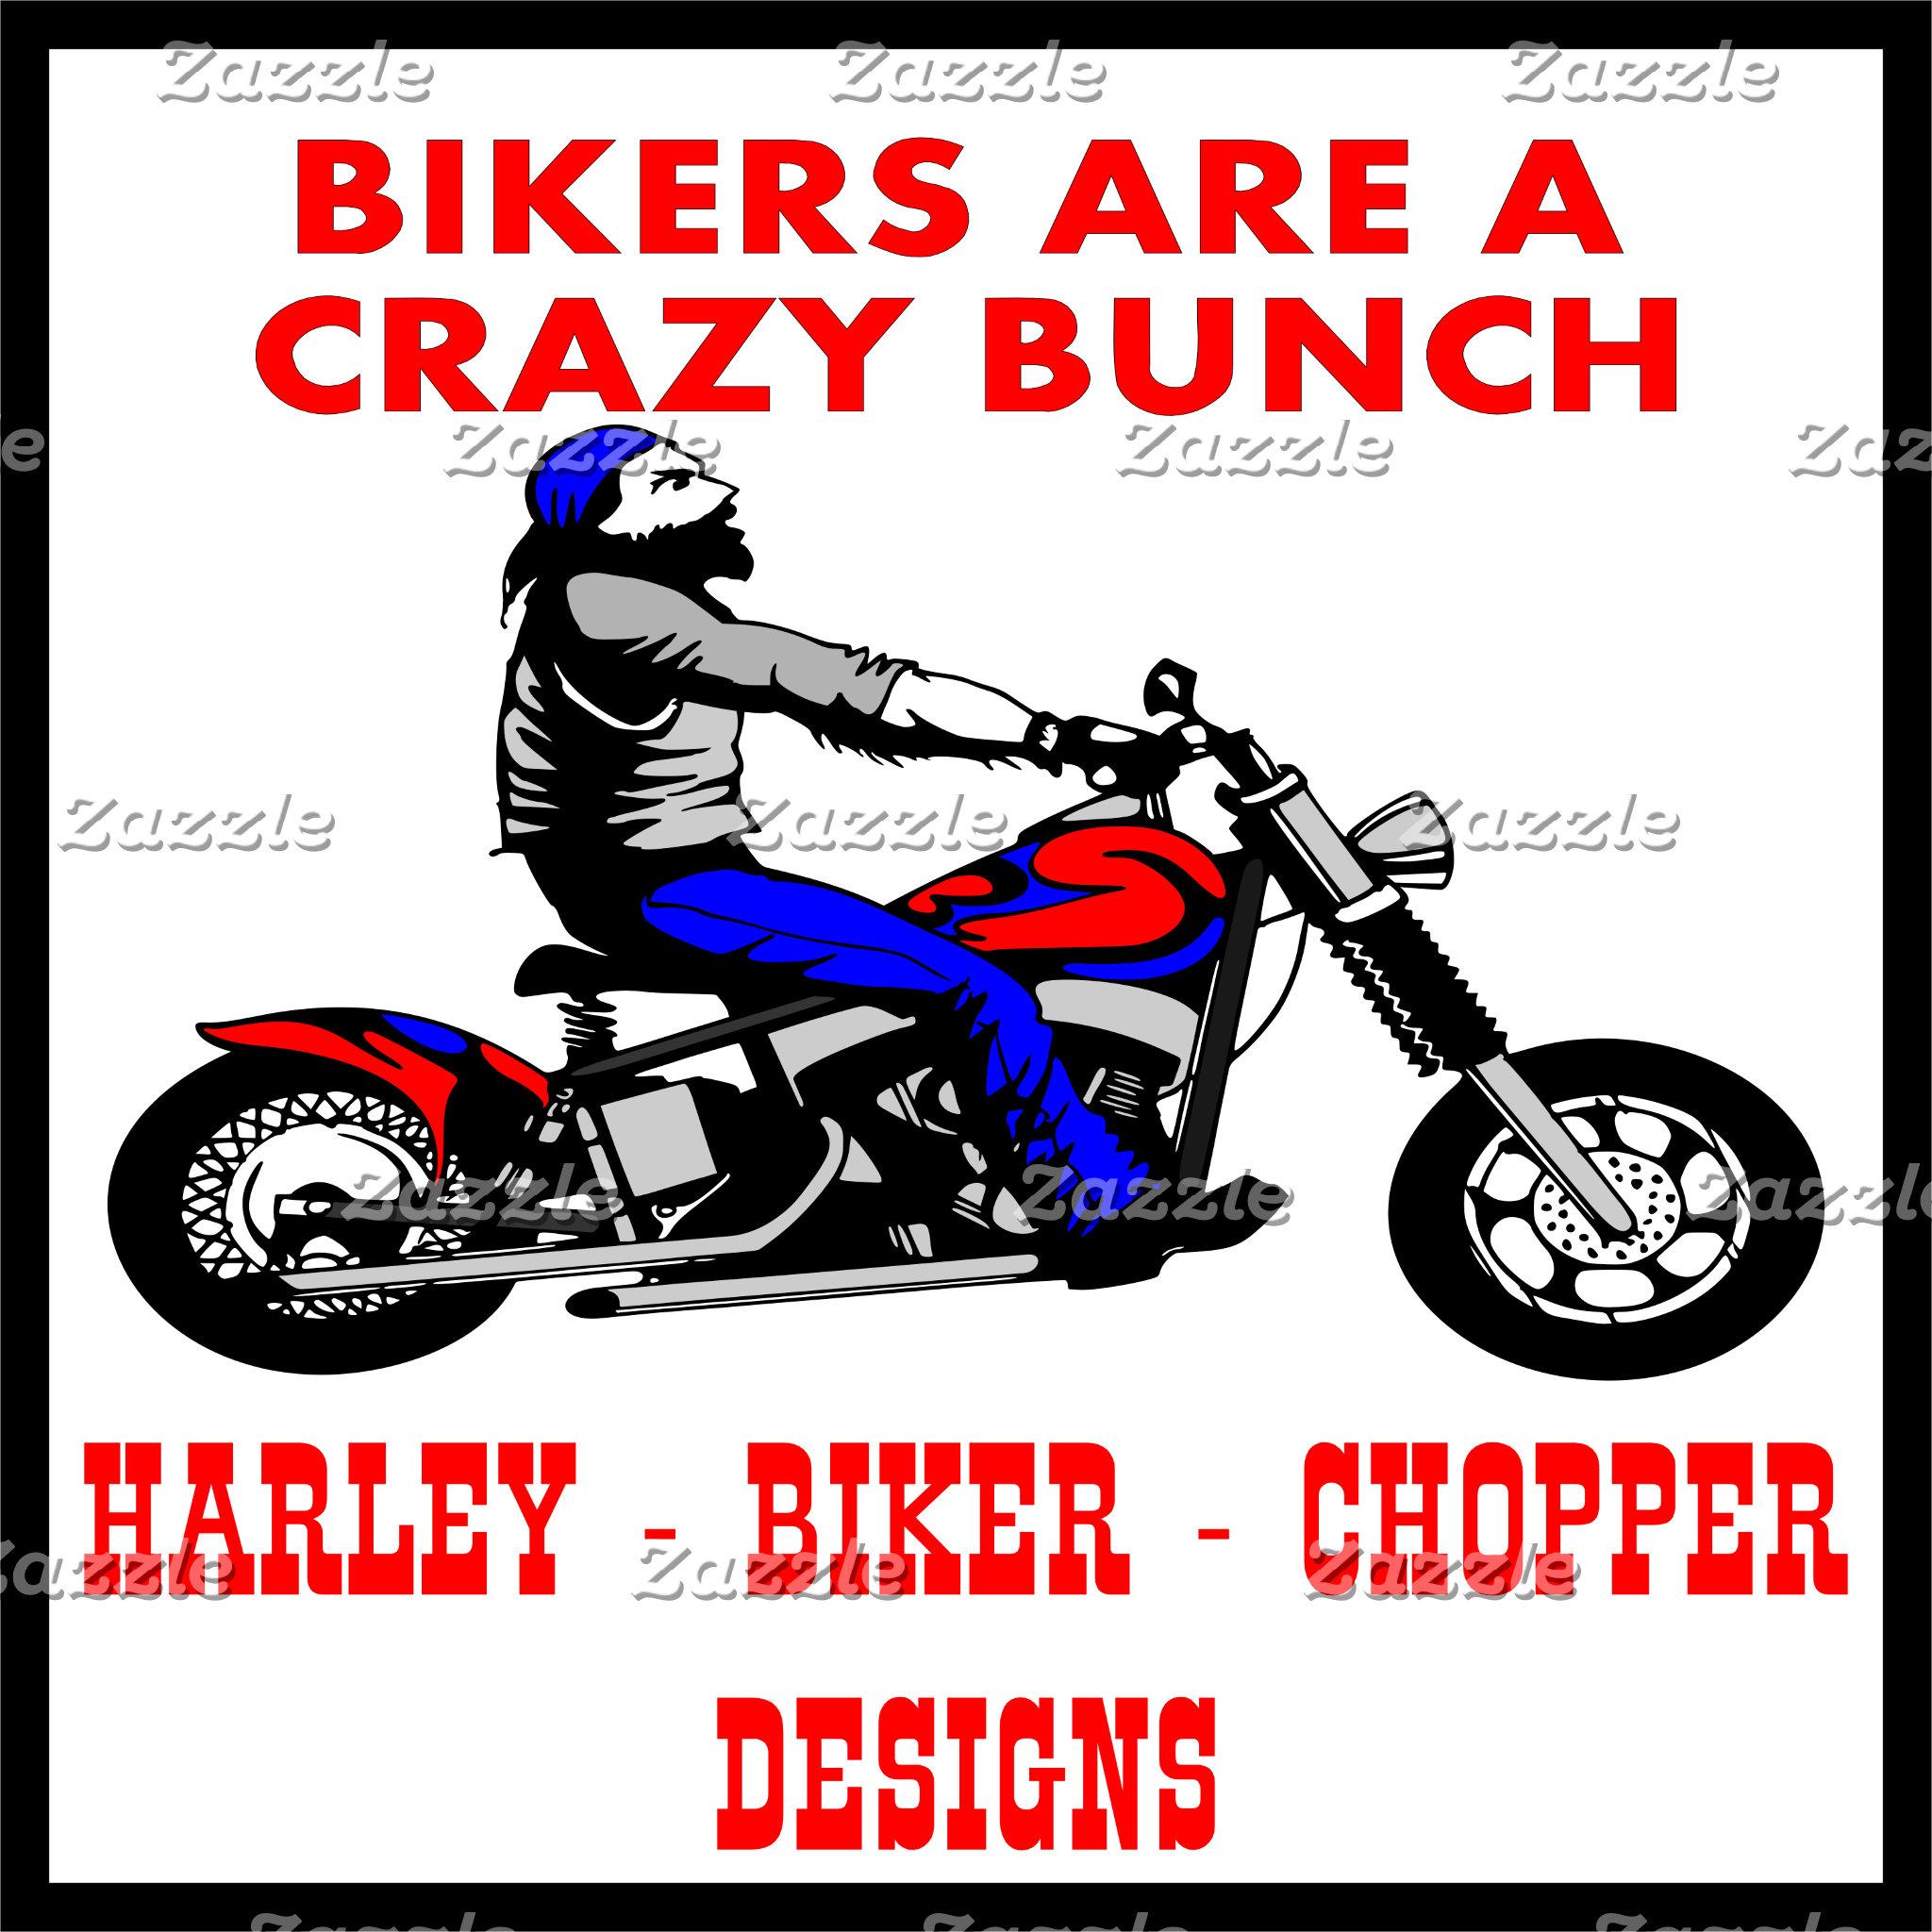 Harley - Biker - Chopper